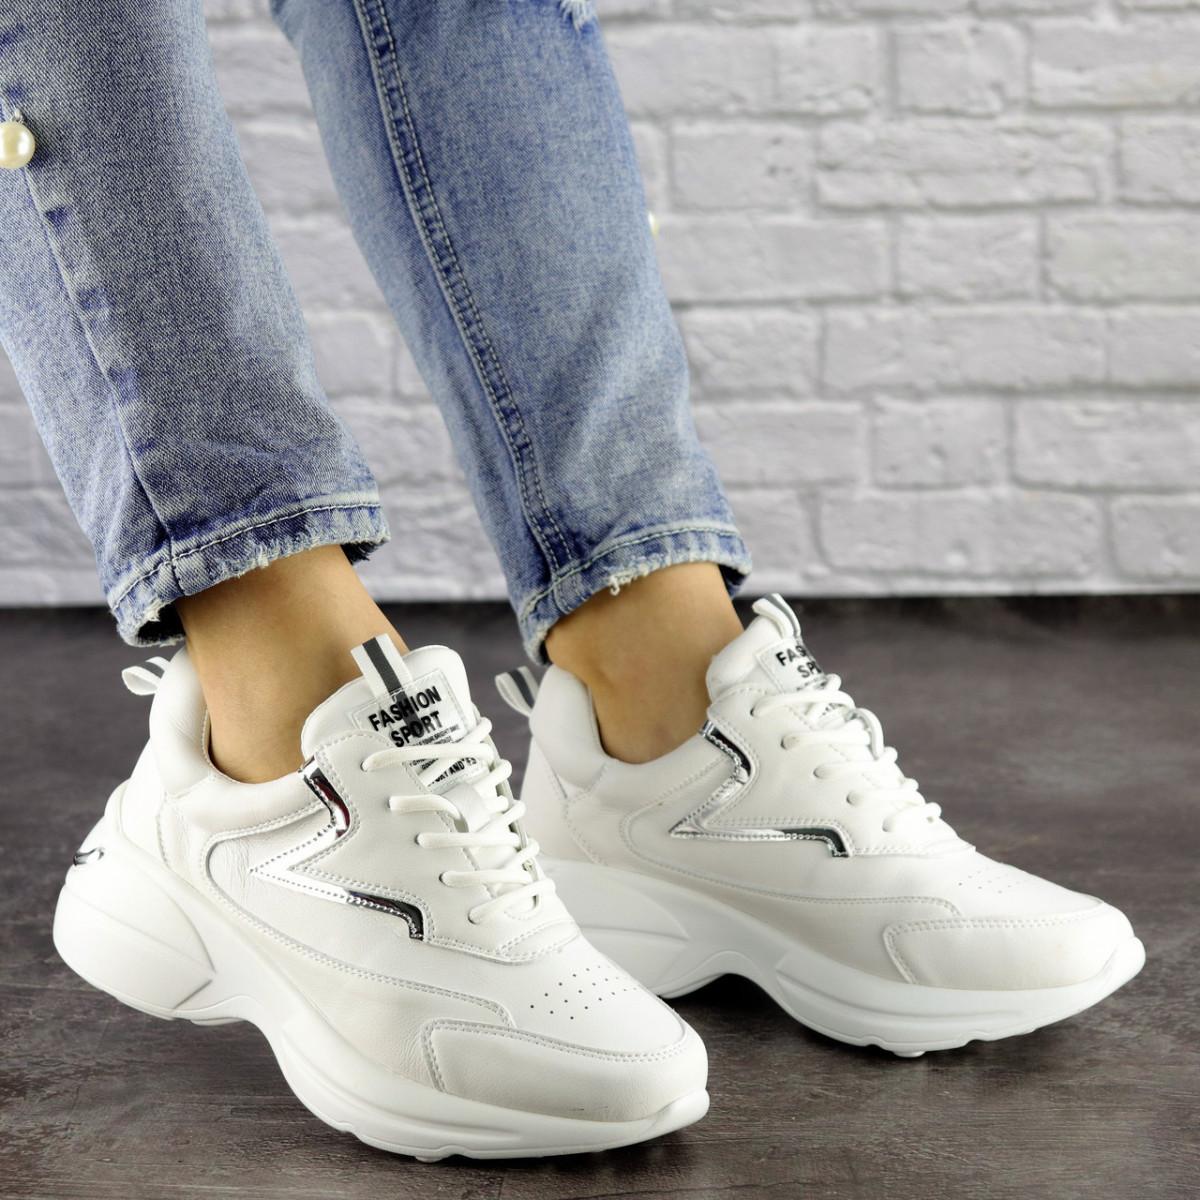 Жіночі кросівки Fashion Cora 1502 36 розмір 23 см Білий 38